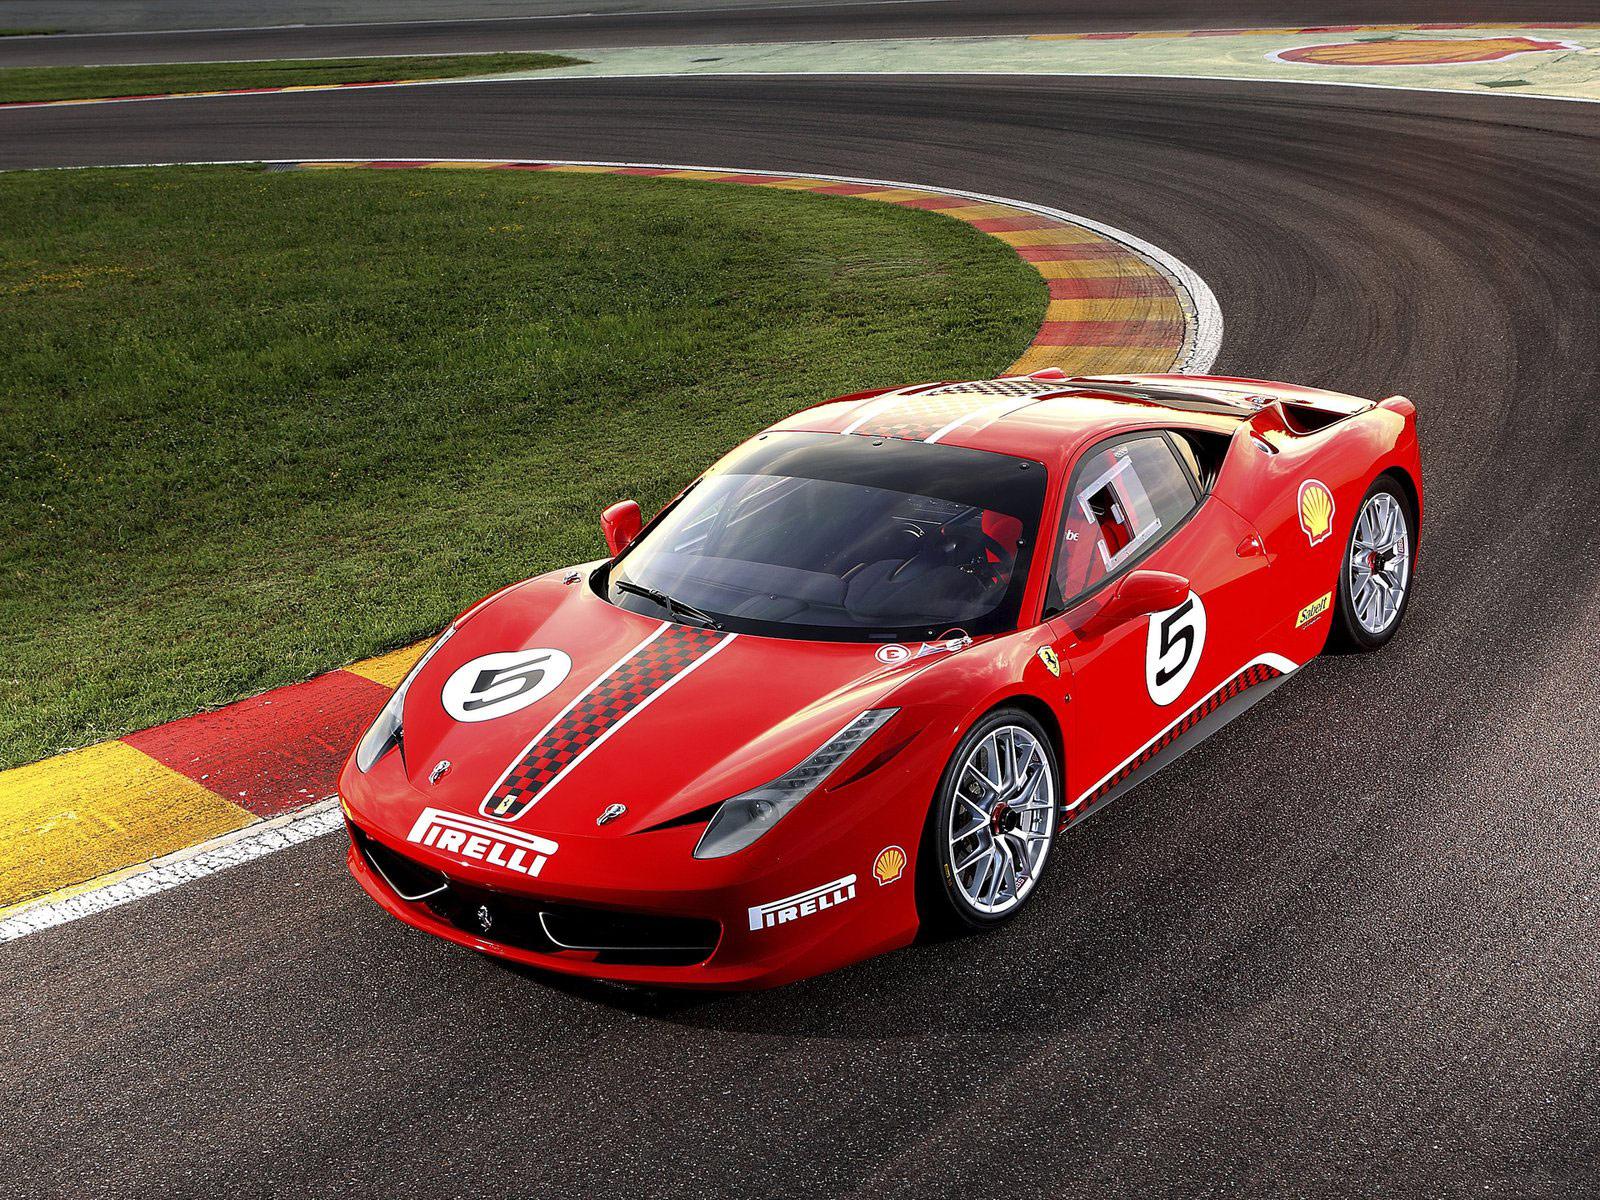 http://4.bp.blogspot.com/-DsRA4z8eC8k/TlSP7AP2jyI/AAAAAAAAAps/n1WKjItgYyo/s1600/2011_Ferrari-458_Challenge_car-desktop-wallpaper_1.jpg